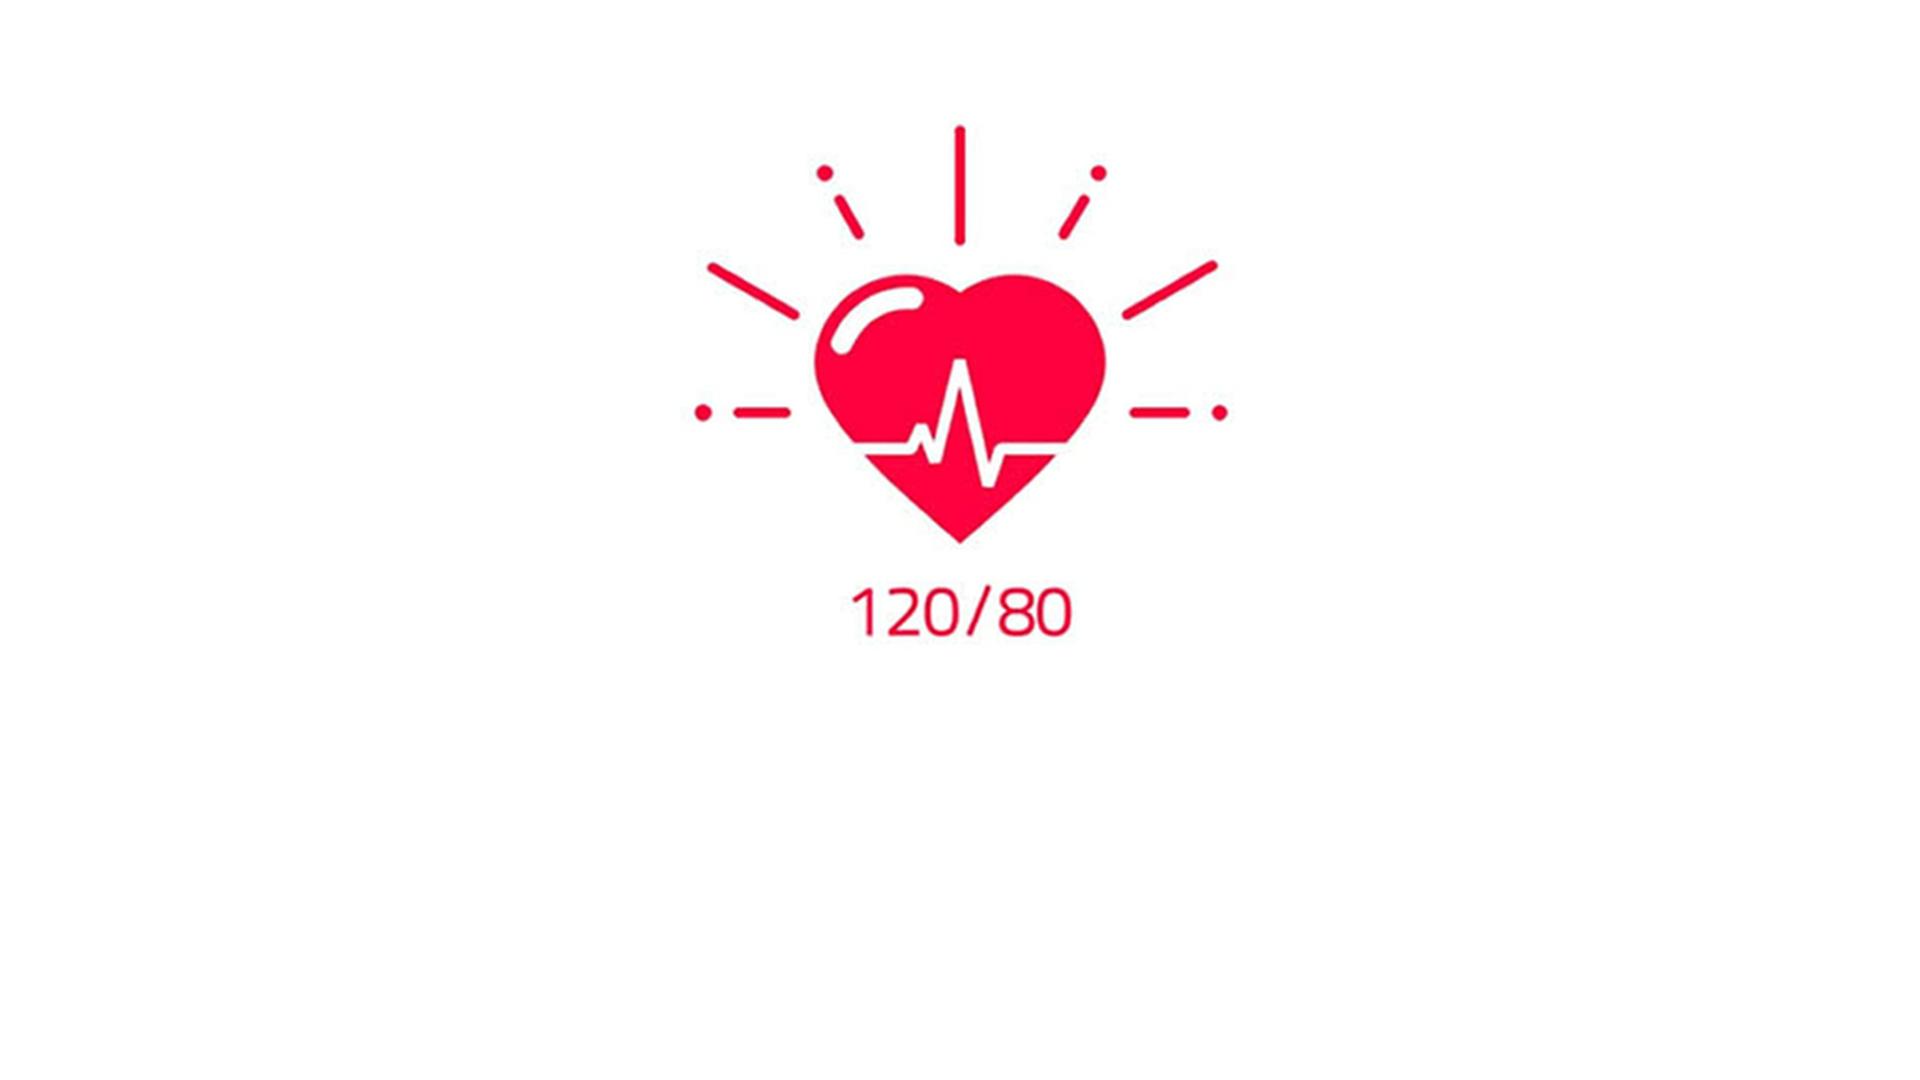 Posljedice napada hipertenzije